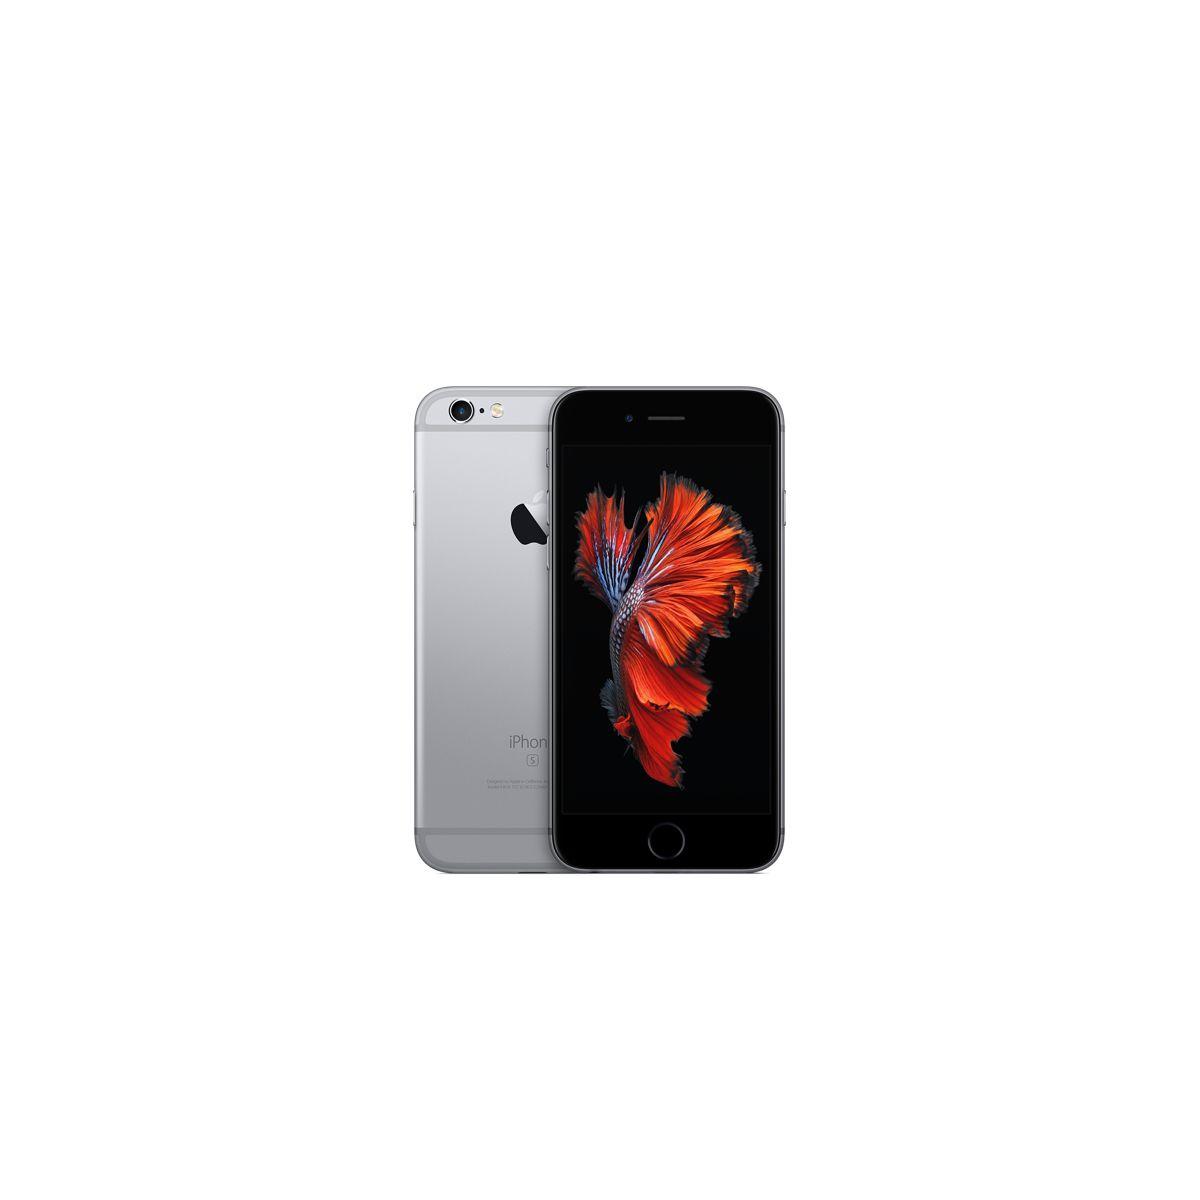 Apple iphone 6s 128go gris sidéral - 2% de remise immédiate avec le code : fete2 (photo)